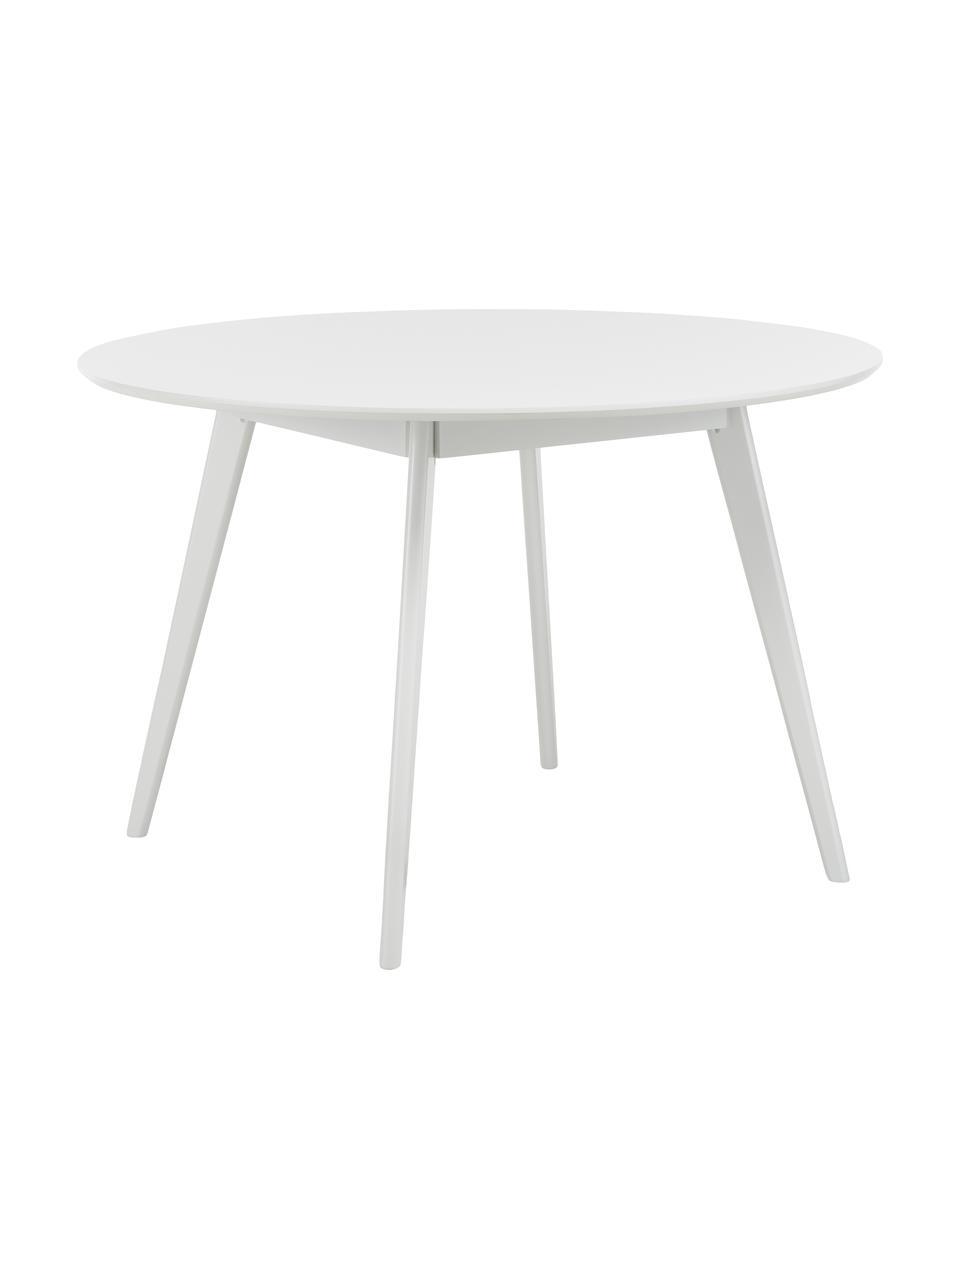 Runder Holz-Esstisch Yumi, Tischplatte: Mitteldichte Holzfaserpla, Beine: Gummibaumholz, massiv und, Weiß, Ø 115 x H 74 cm